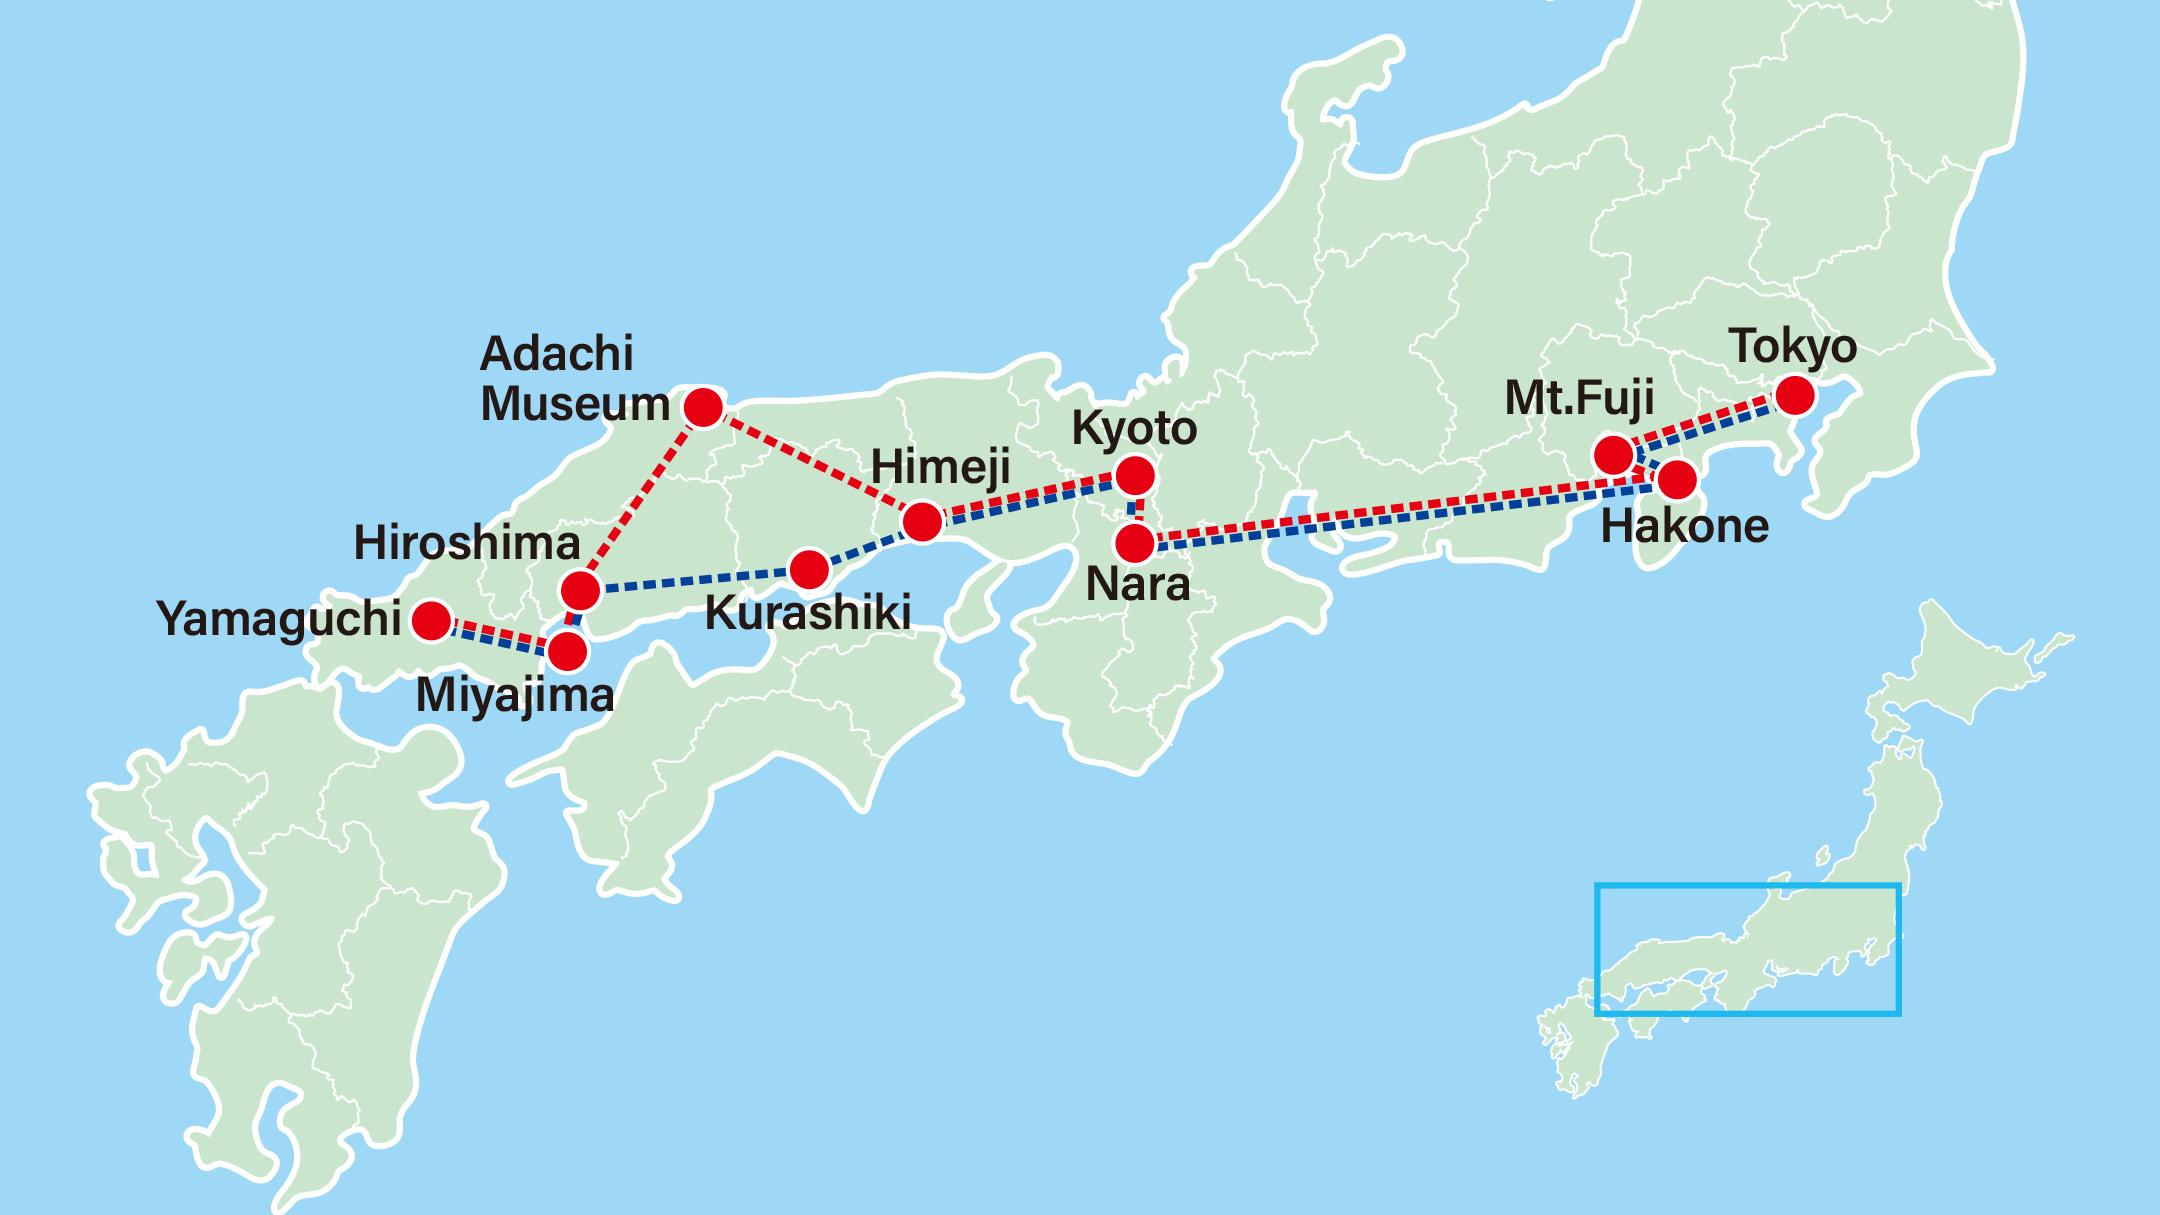 Japanese Ancestory Tour<br>Yamaguchi Suo Oshima-Tokyo-Yokohama-Mt Fuji-Hakone-Nara-Kyoto-Himeji-Kurashiki-Adachi Museum-Hiroshima-Miyajima-Suo Island